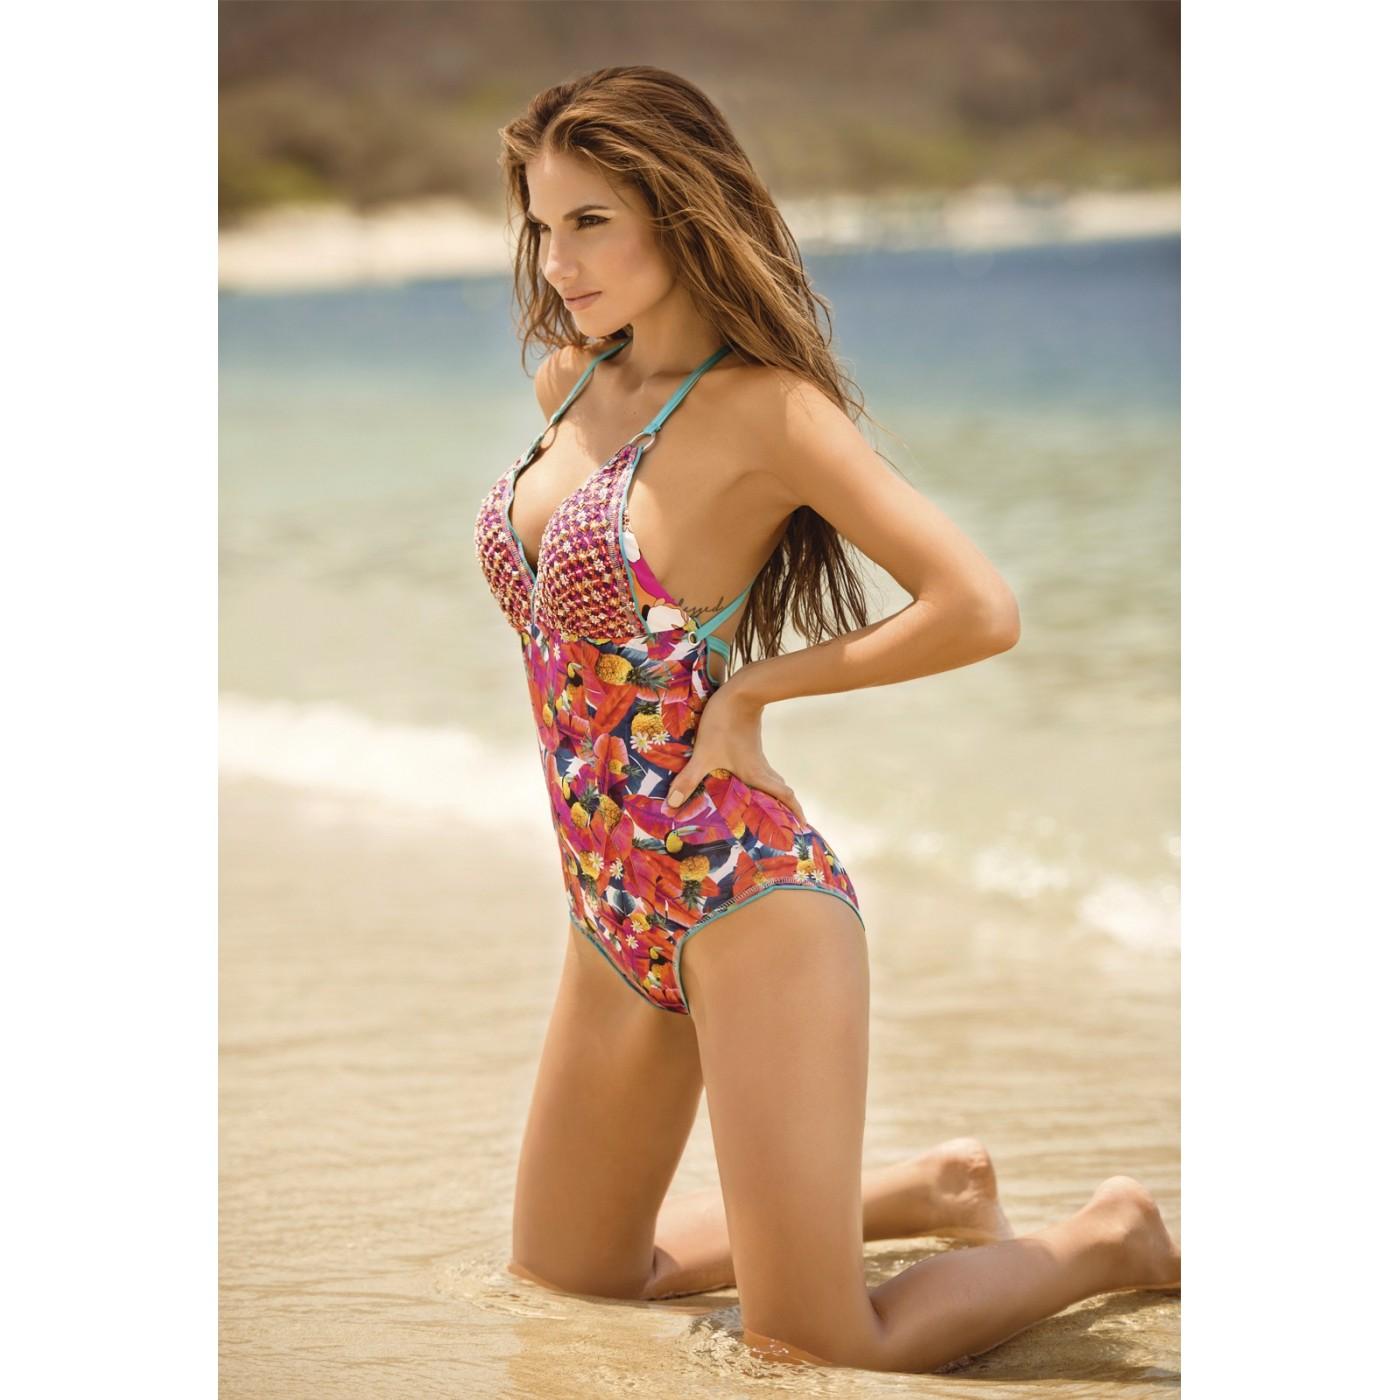 Tropical Bain Mia Delhi Maillot Confitura De Pièce New 1 Exotic xWQrBodCe